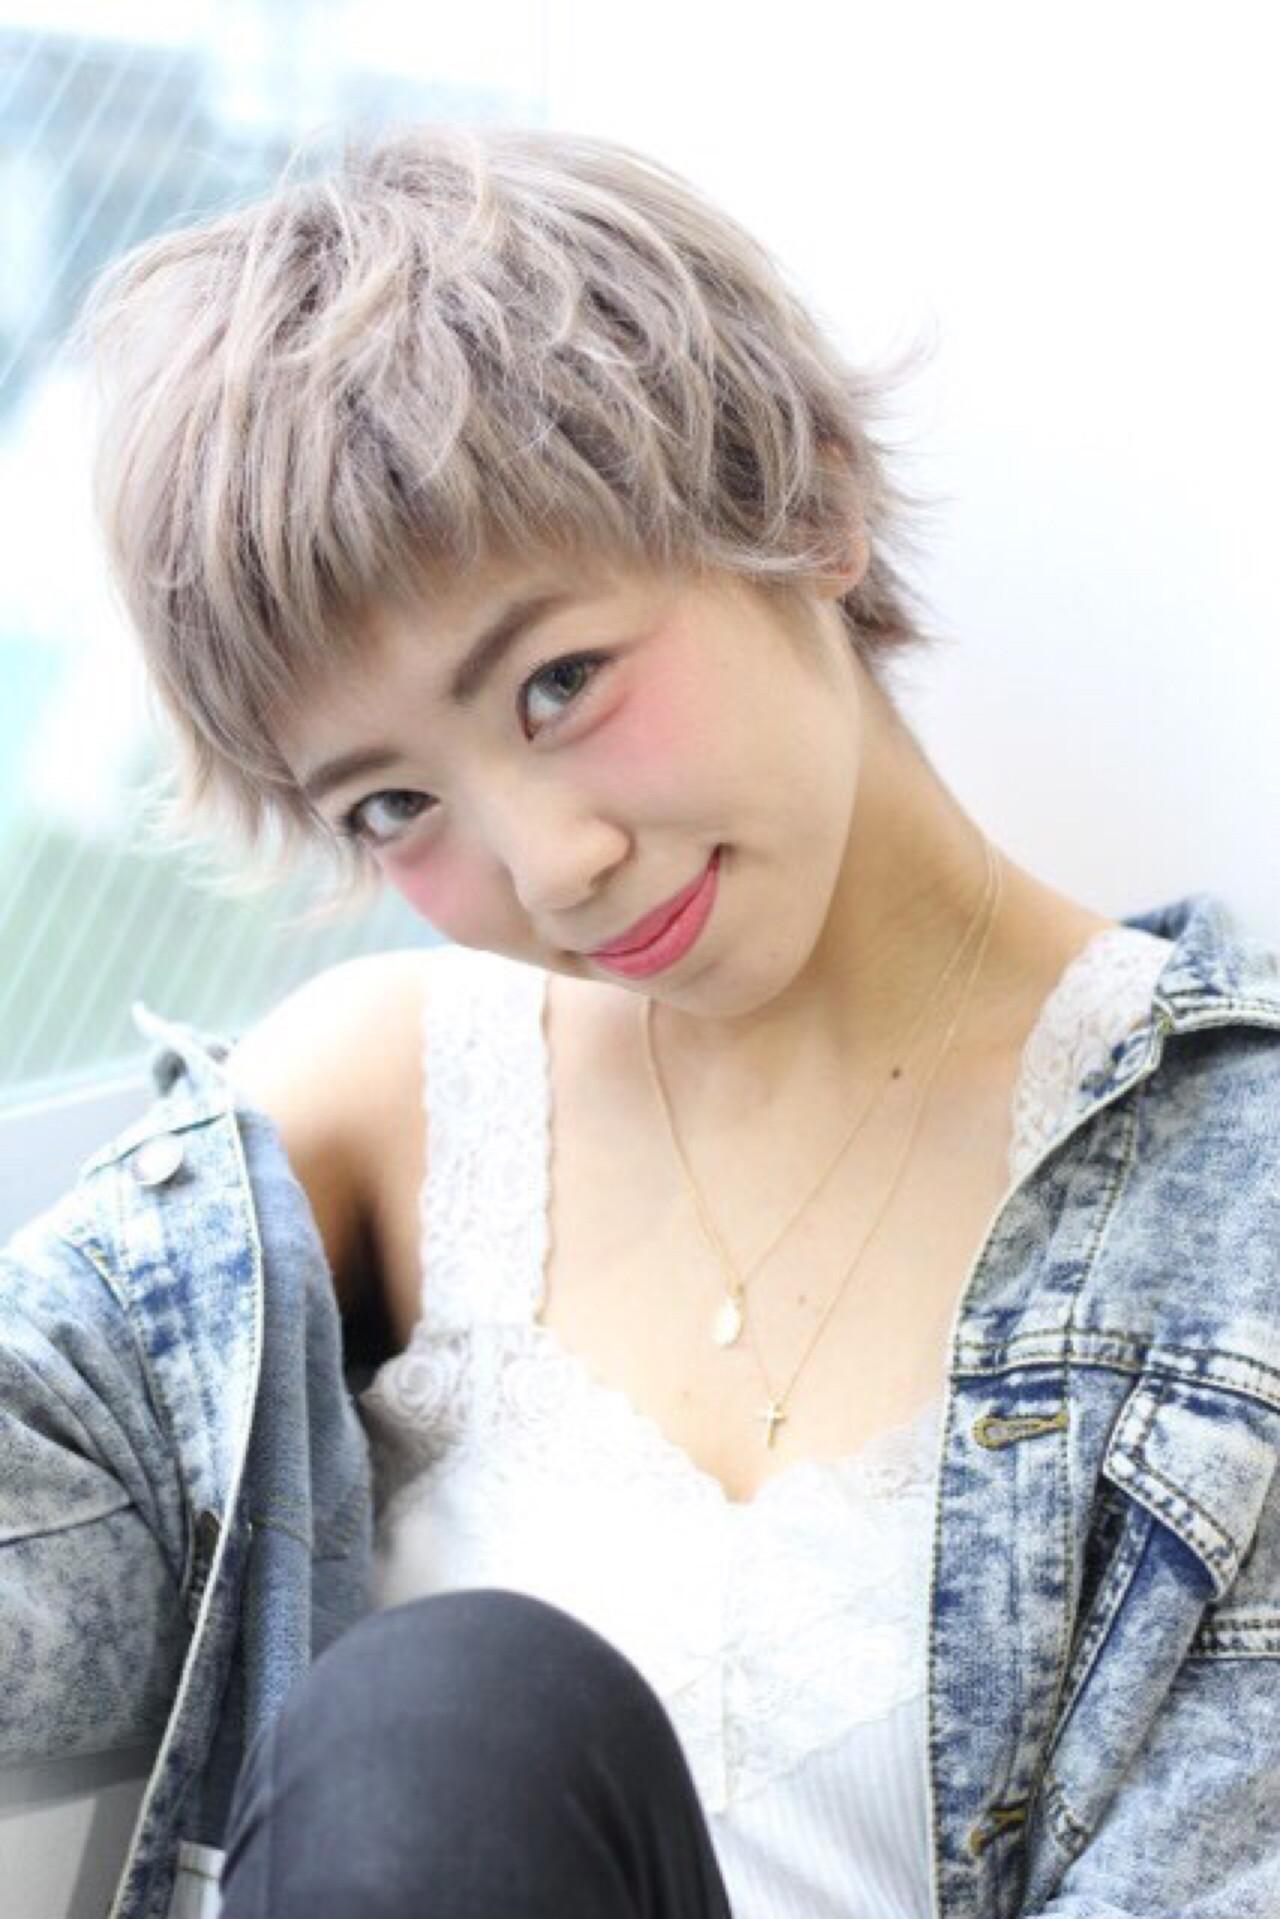 ナチュラル ショート ピュア ゆるふわ ヘアスタイルや髪型の写真・画像 | Demi /